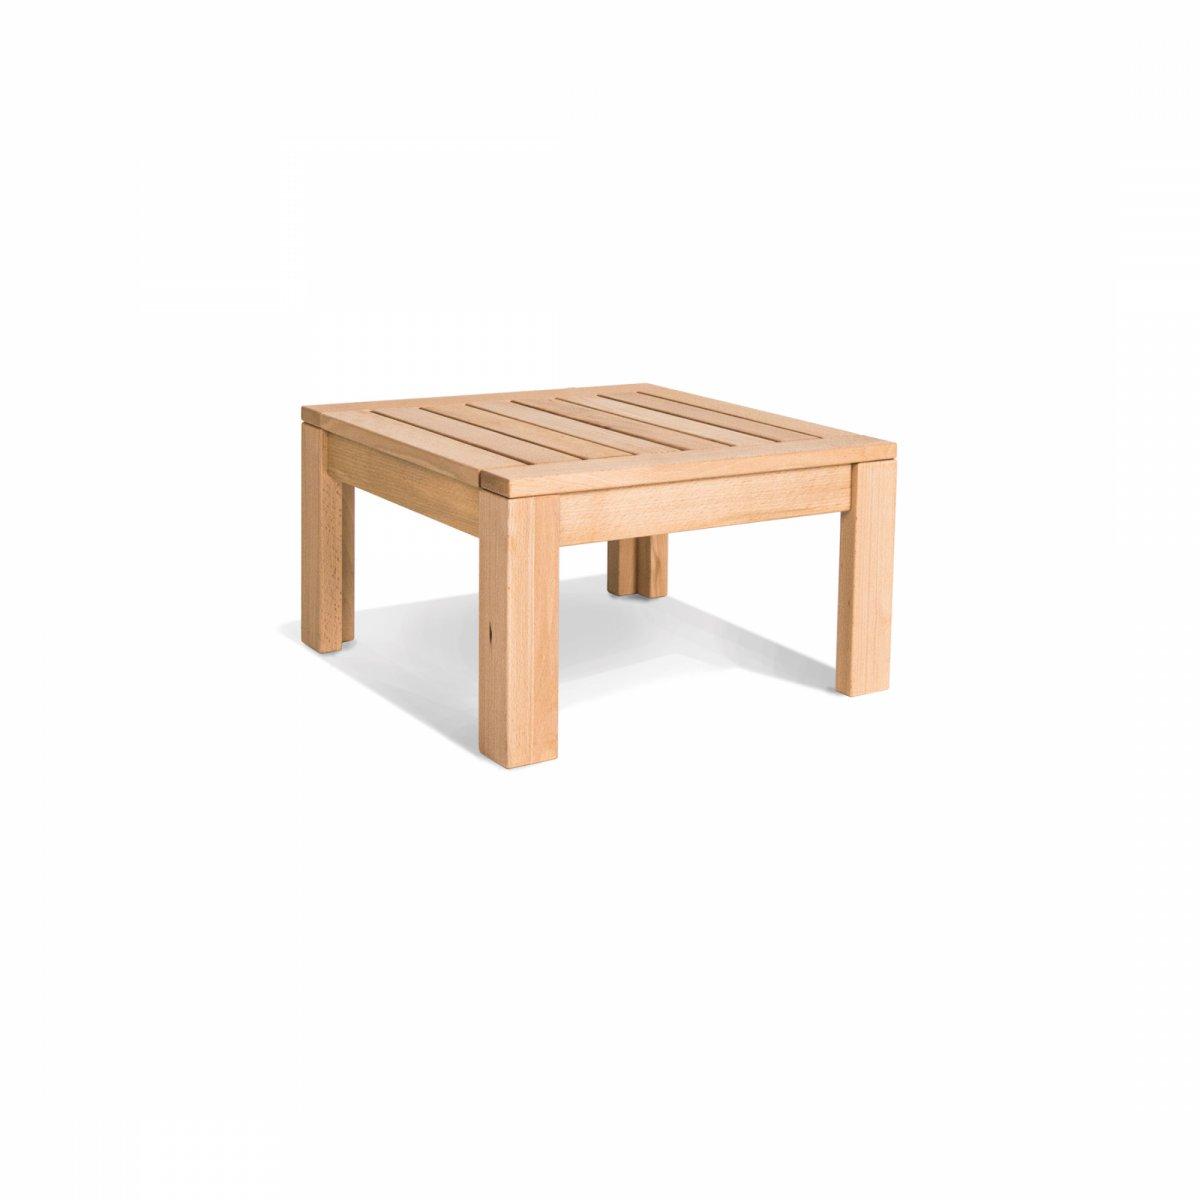 Woodman tavolino Mexico legno naturale